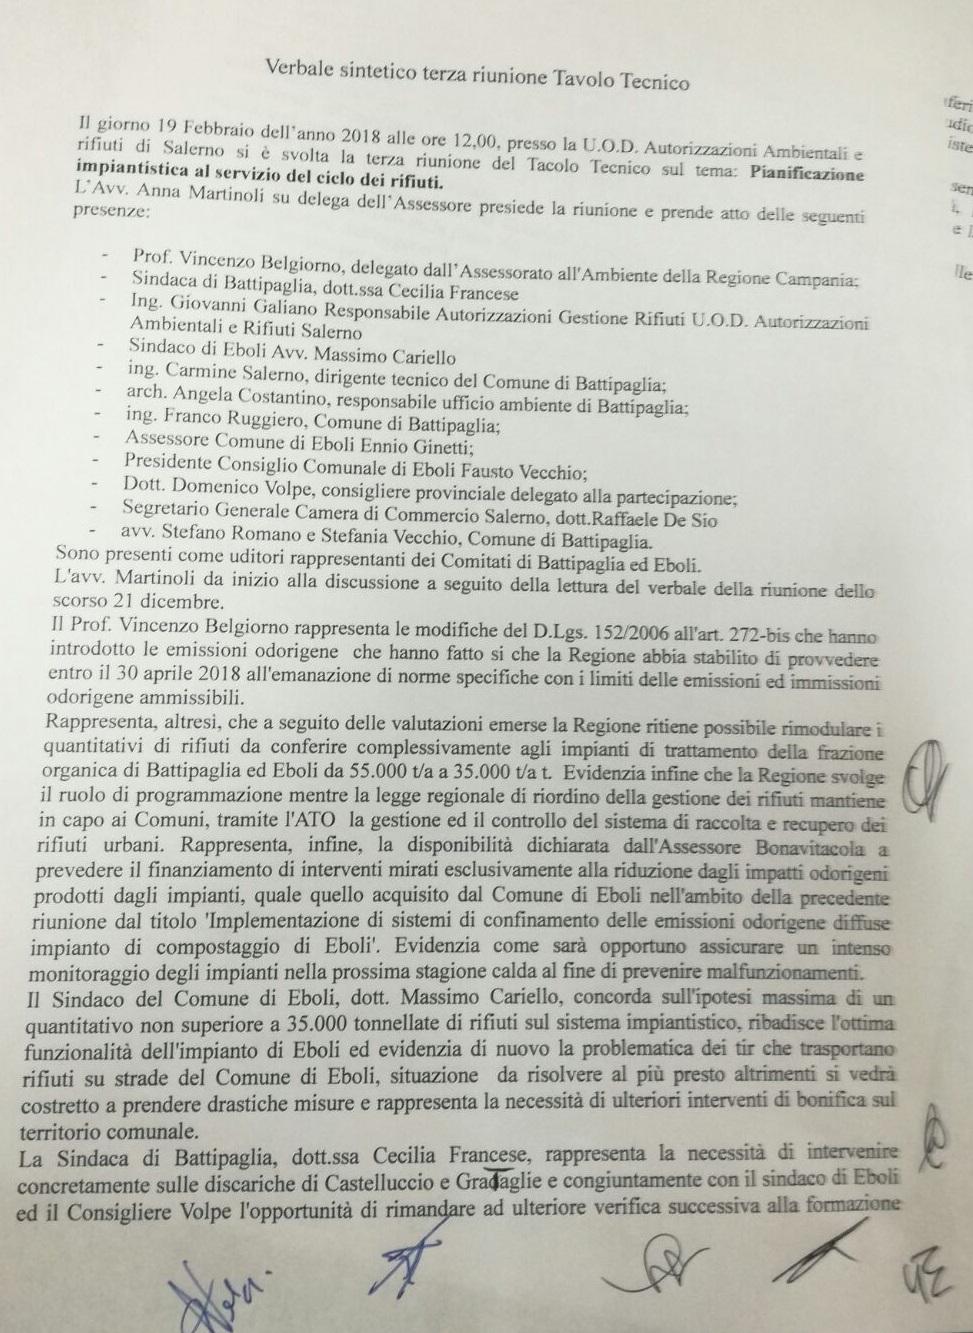 Verbale Tavolo Tecnico regionale-1